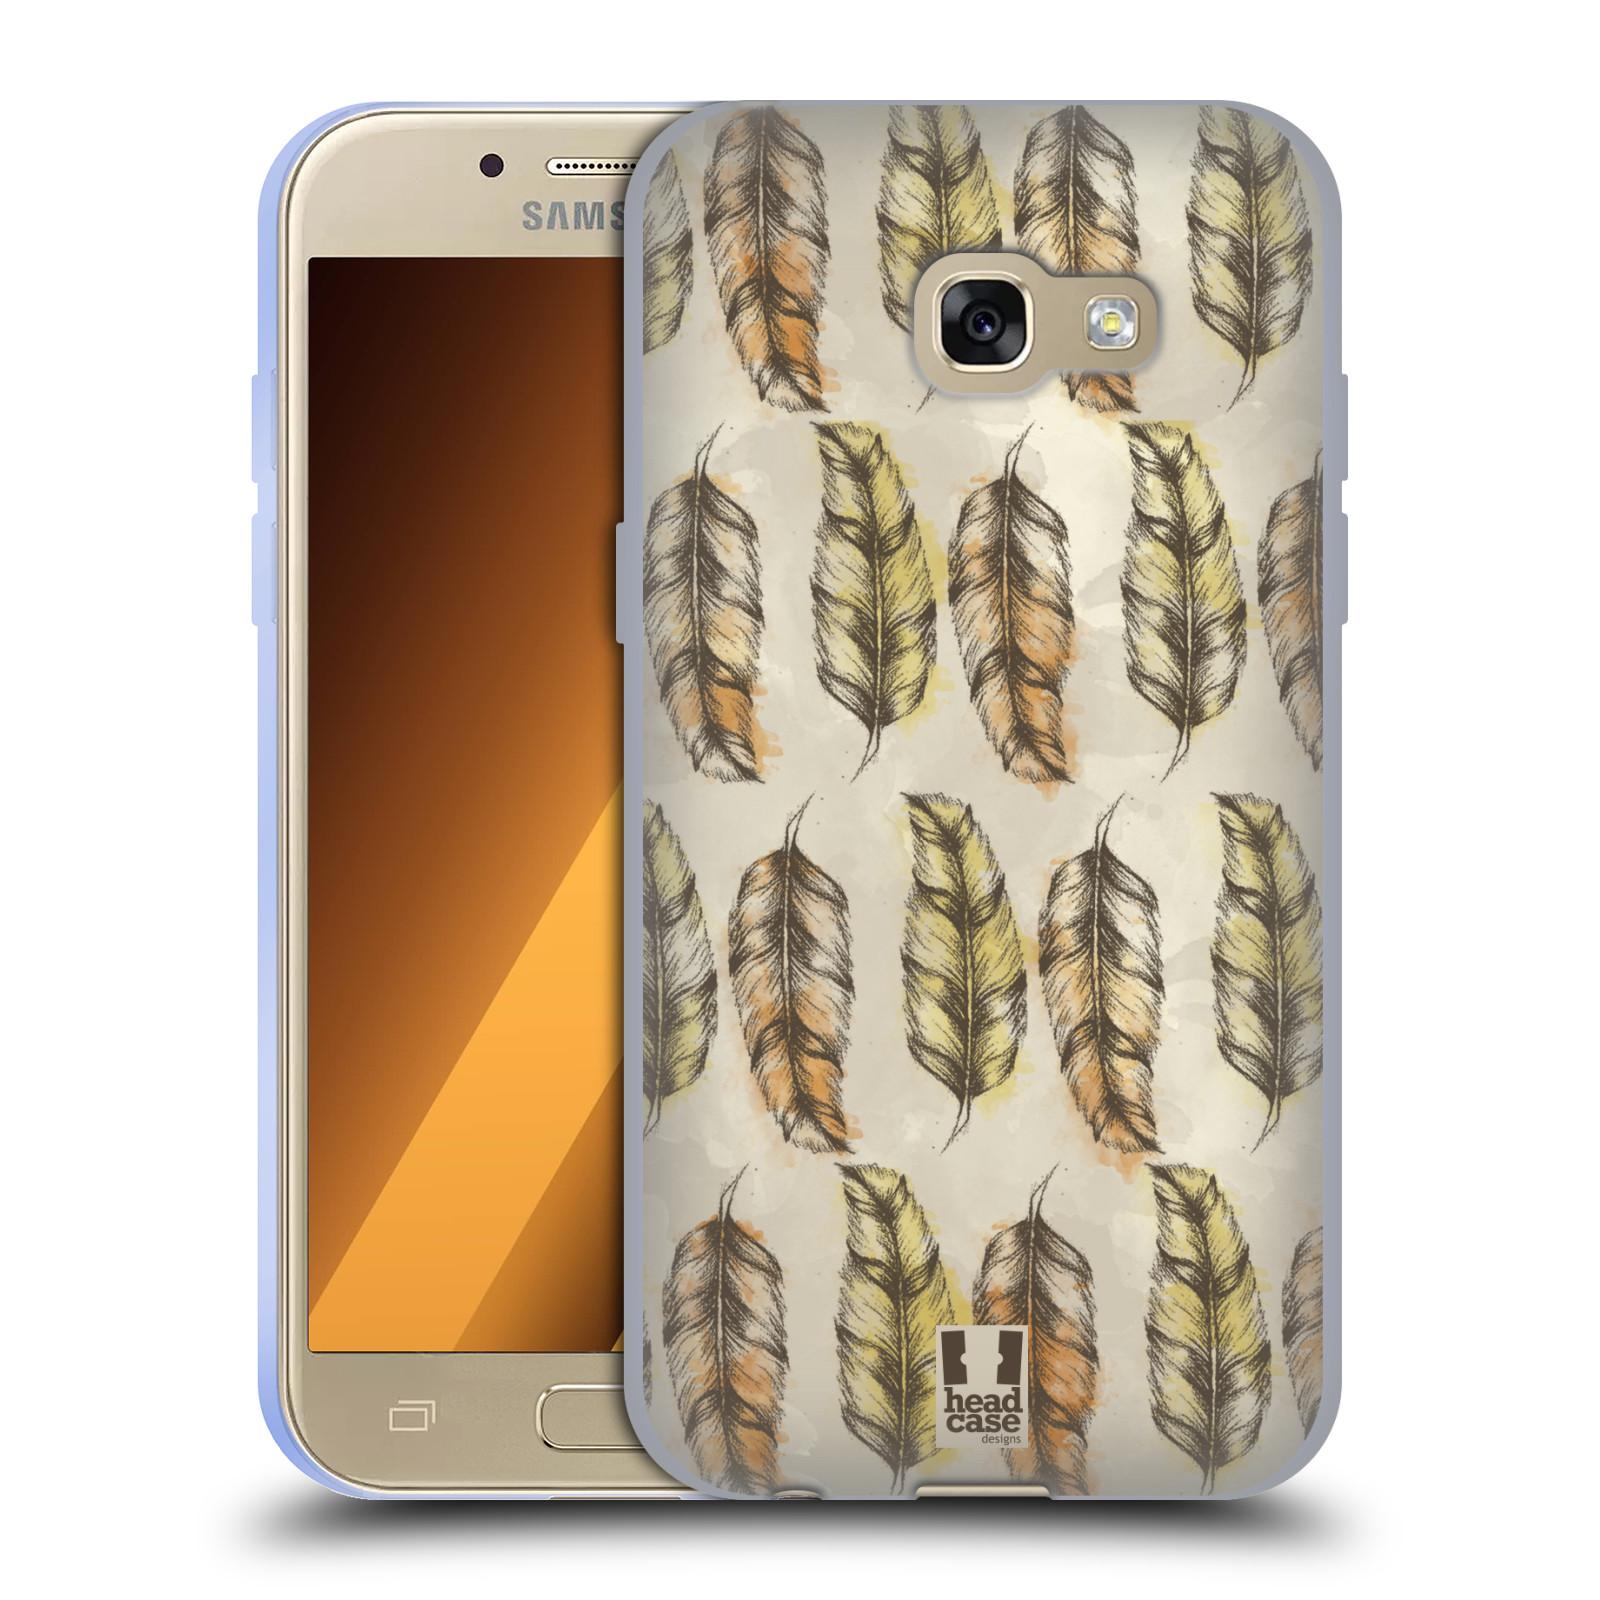 Silikonové pouzdro na mobil Samsung Galaxy A3 (2017) - Head Case - Bohémská pírka (Silikonový kryt či obal na mobilní telefon s motivem Bohemian Soul pro Samsung Galaxy A3 2017 SM-A320)